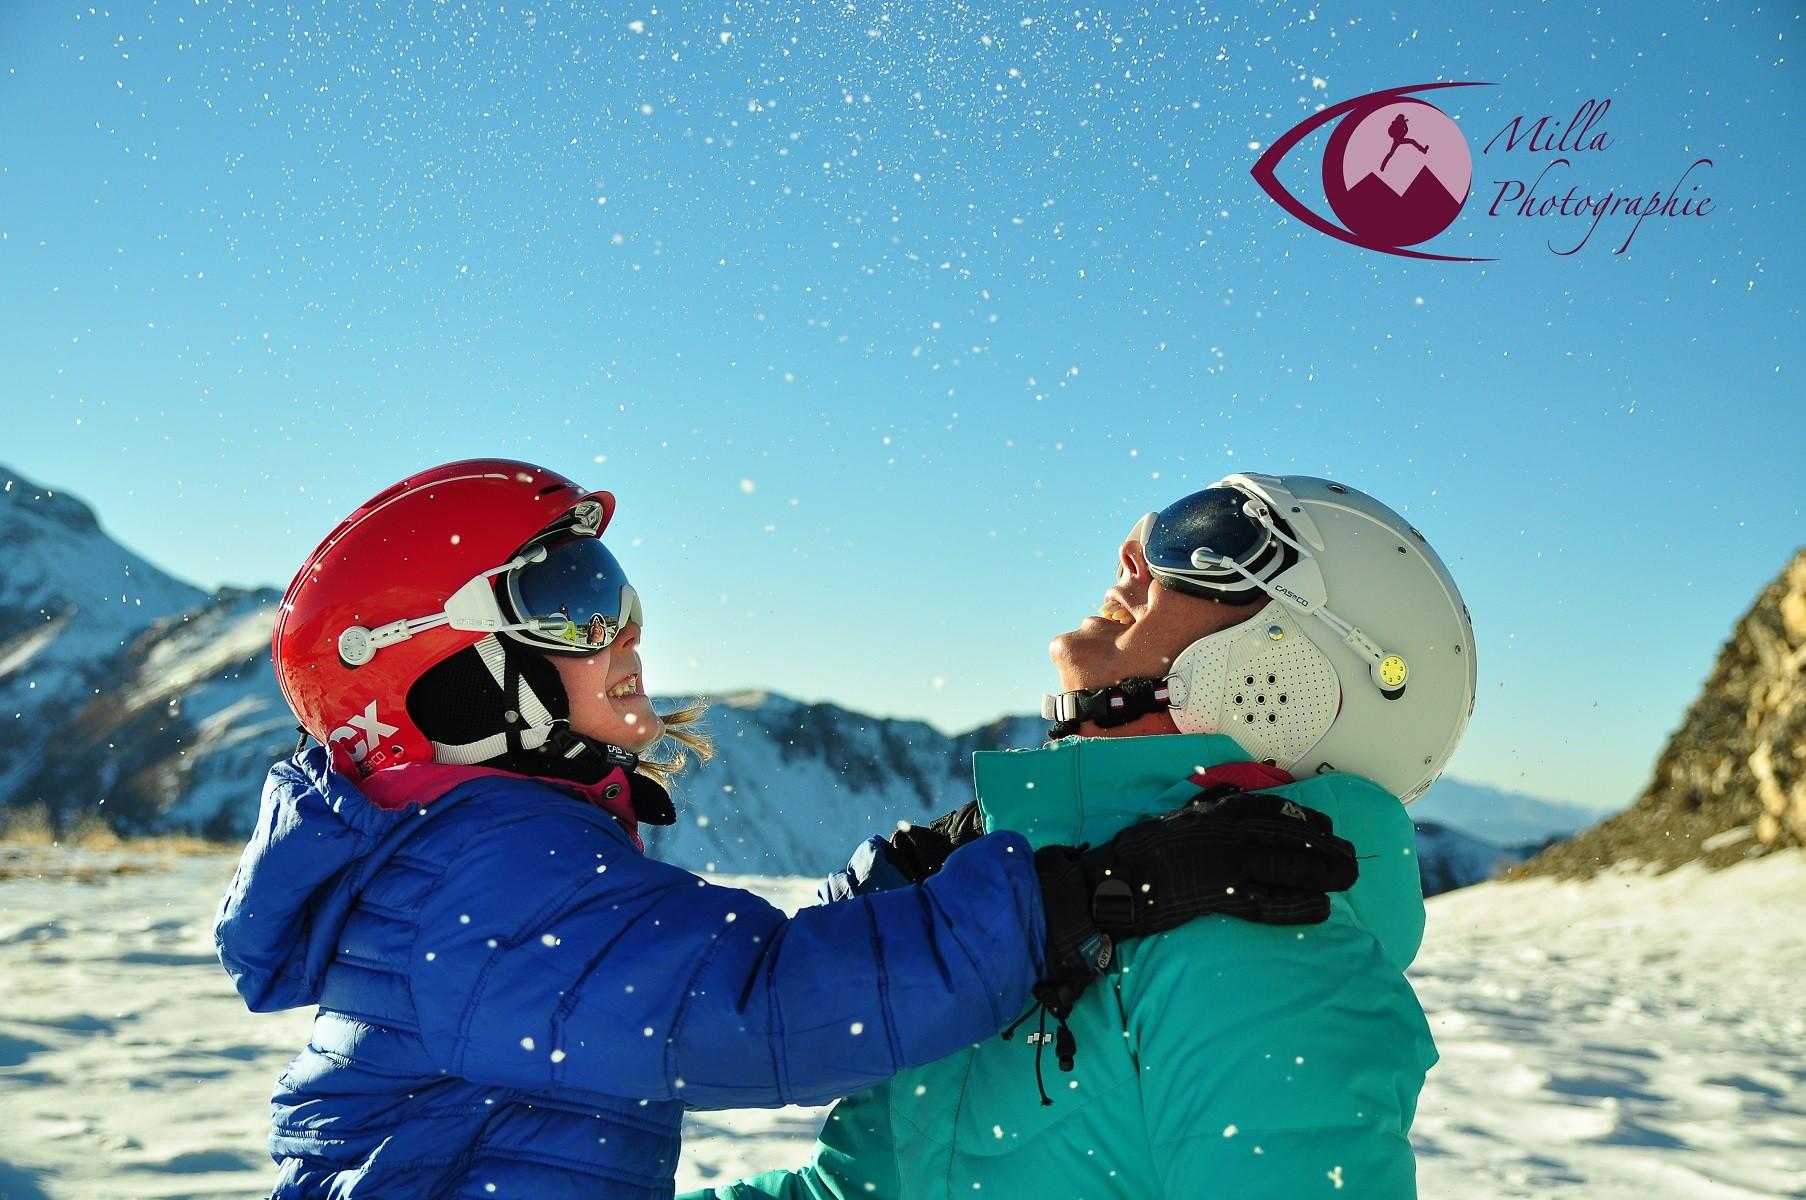 séance photo ski en famille